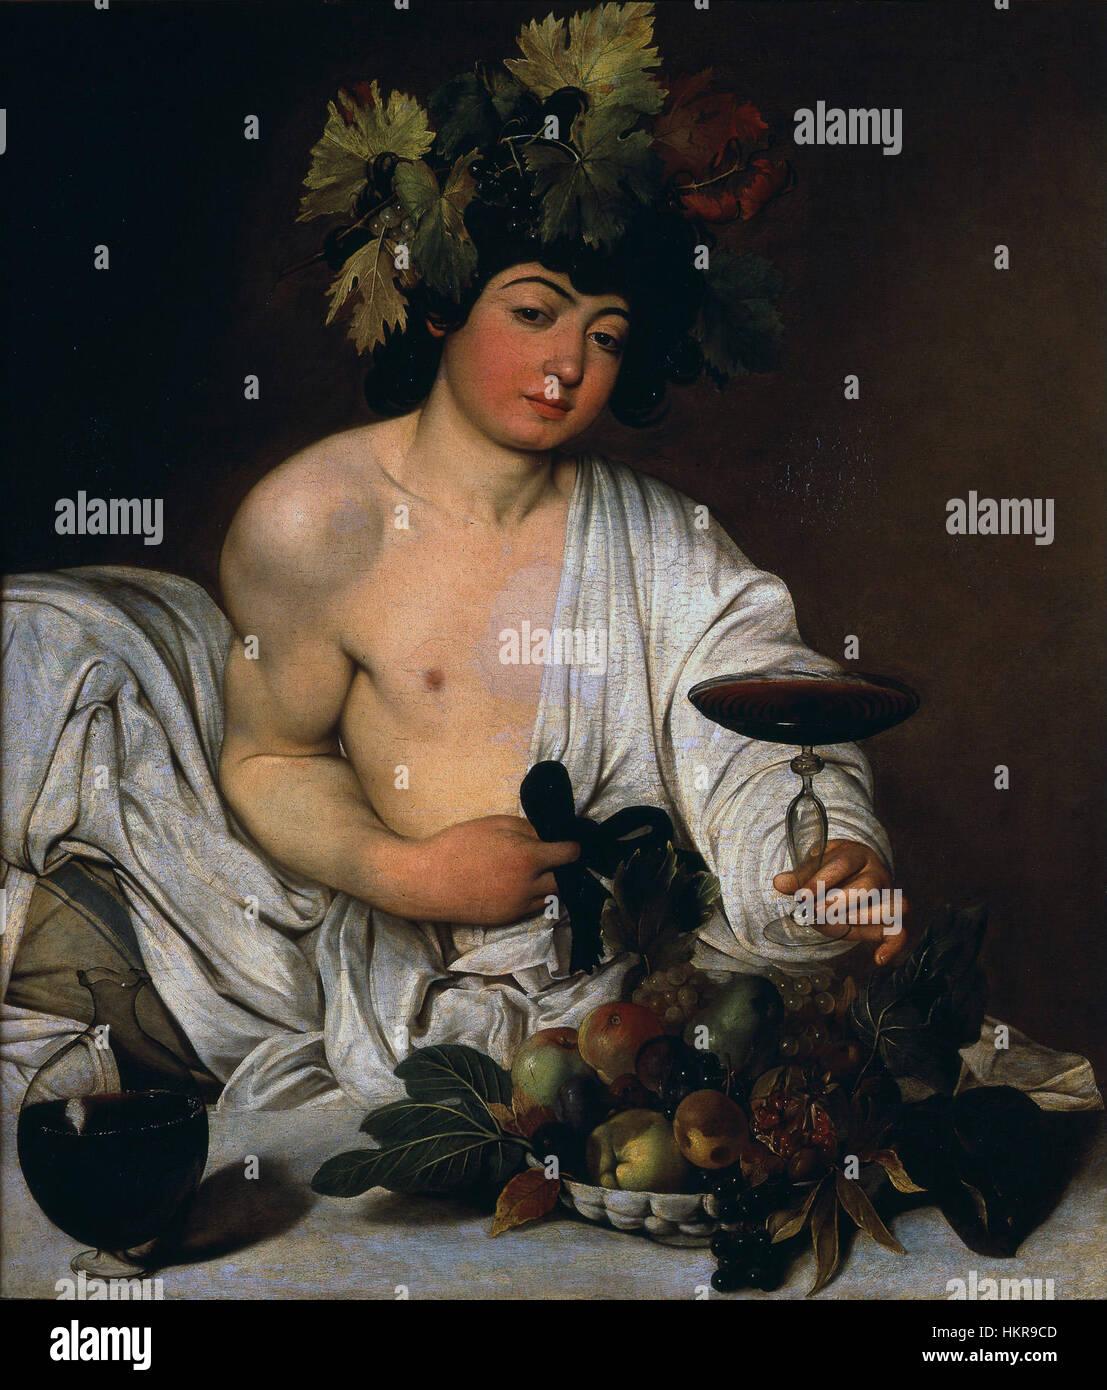 Caravaggio - Bacco adolescente - Google Art Project Immagini Stock